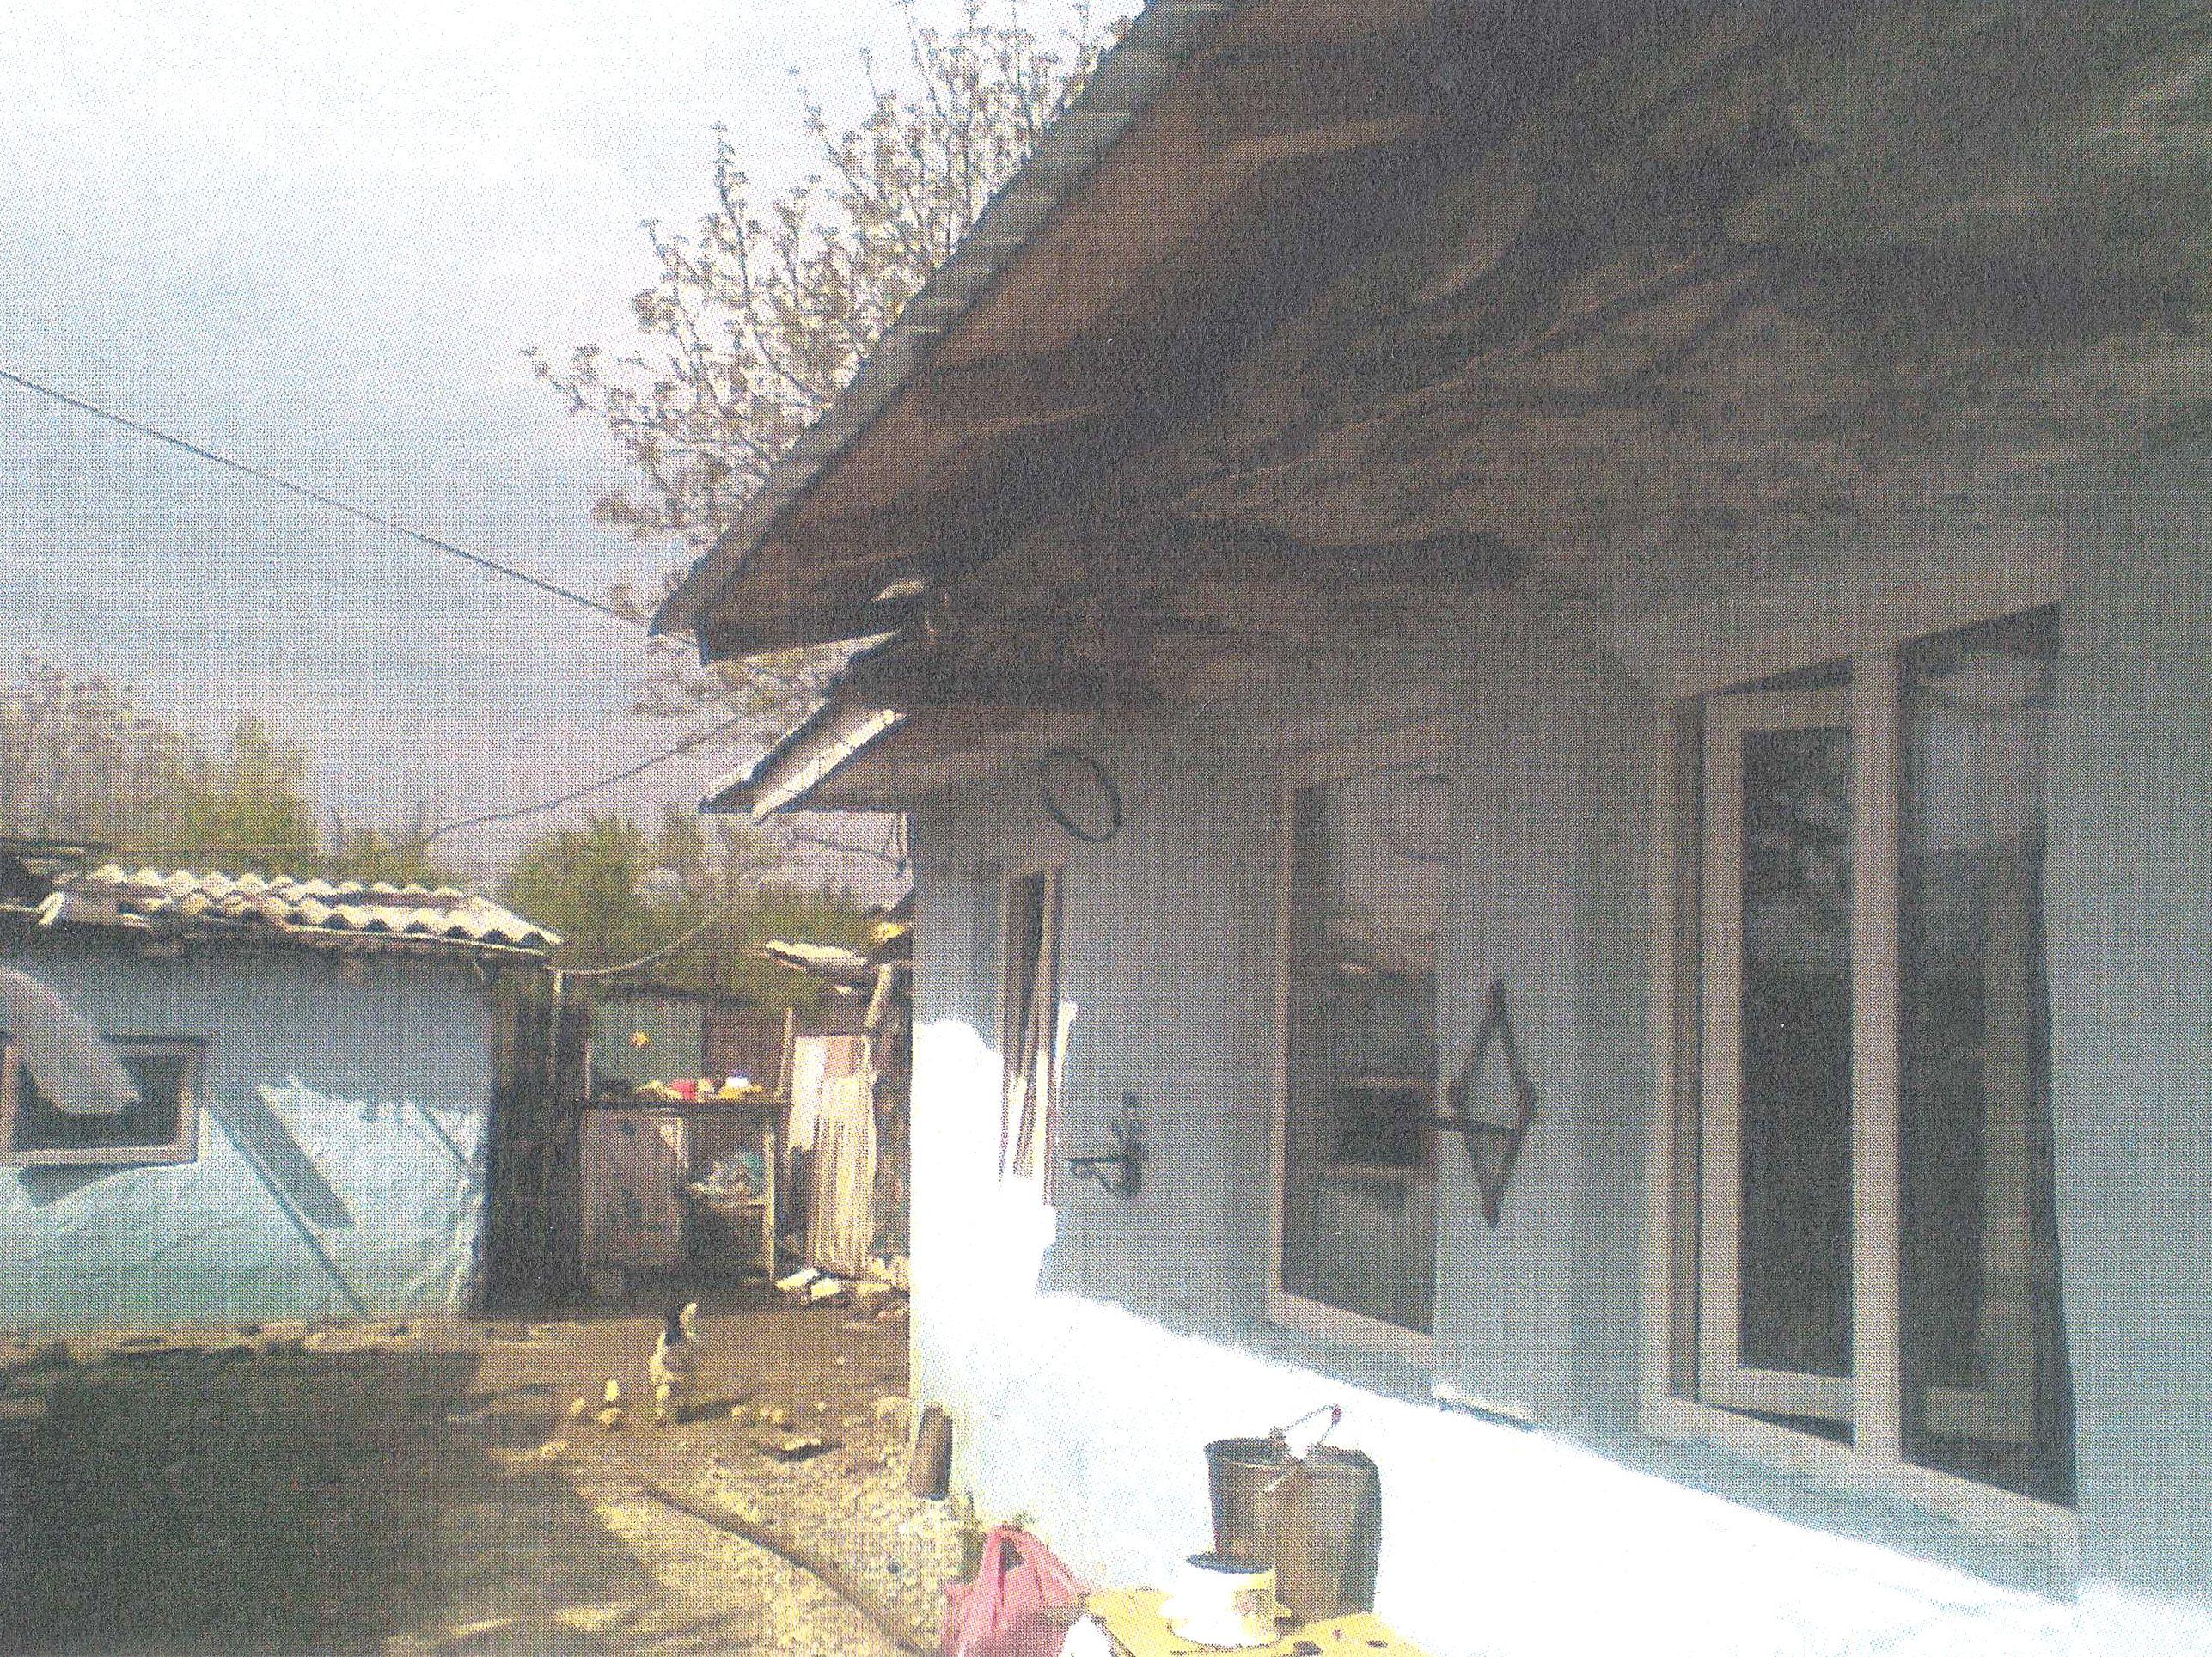 Casa victimei Tomulescu Gherghina